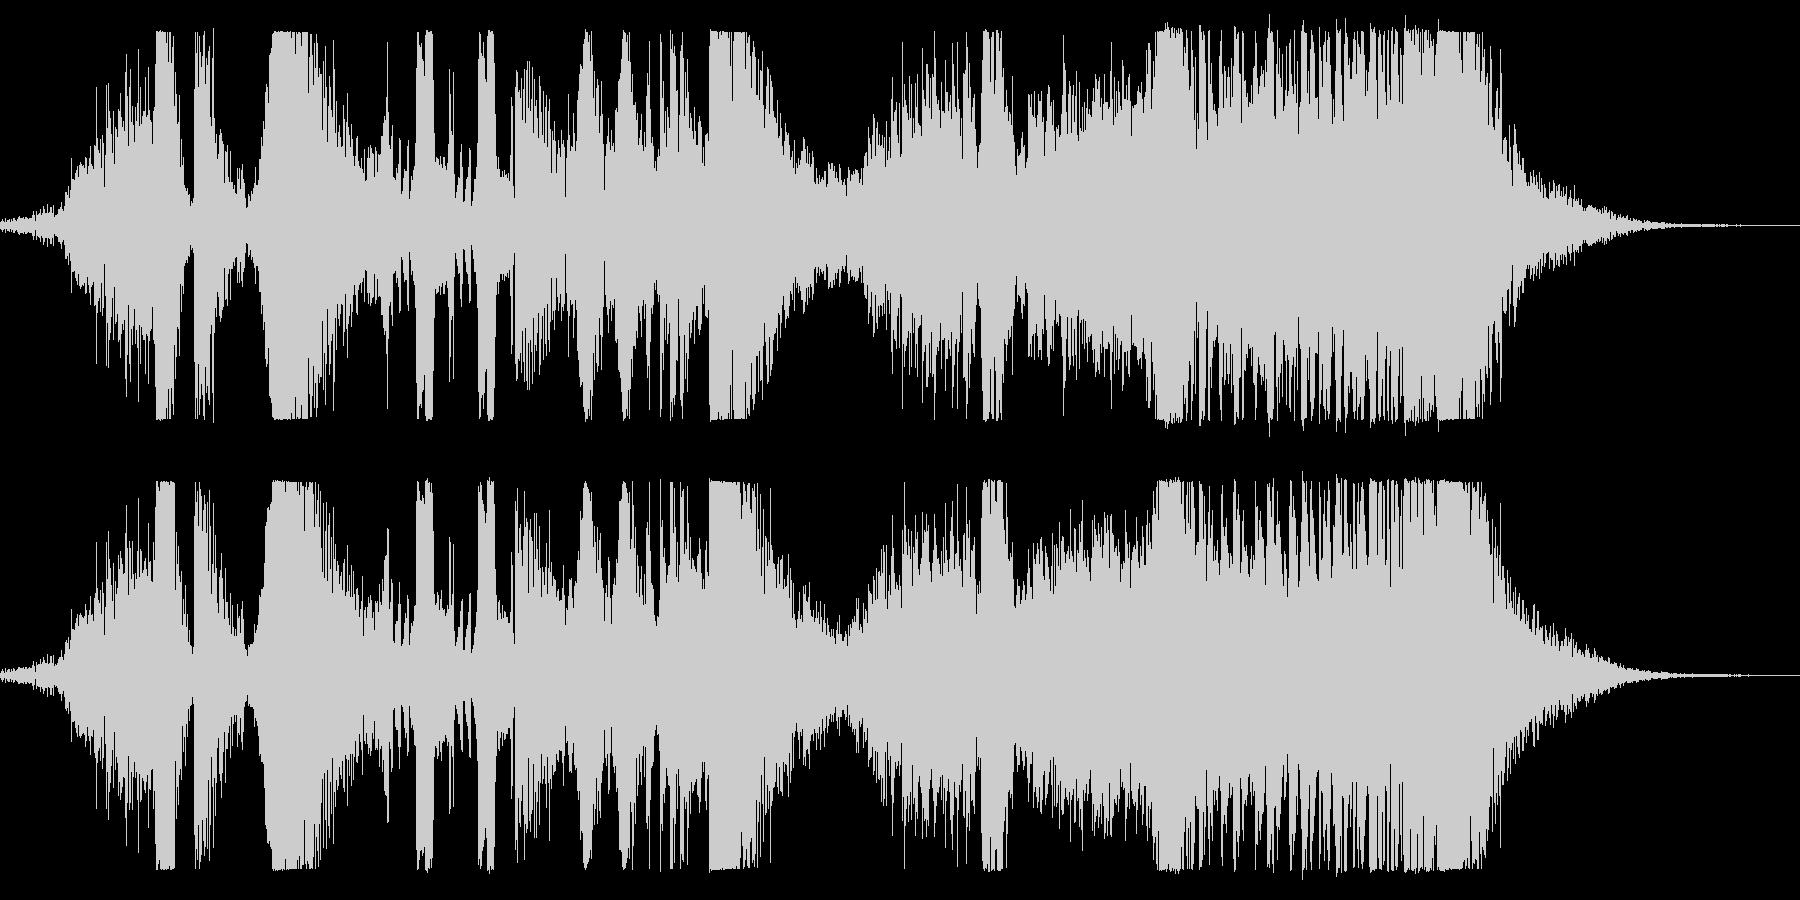 メタリックスウィッシュ、ヘビーヒッ...の未再生の波形